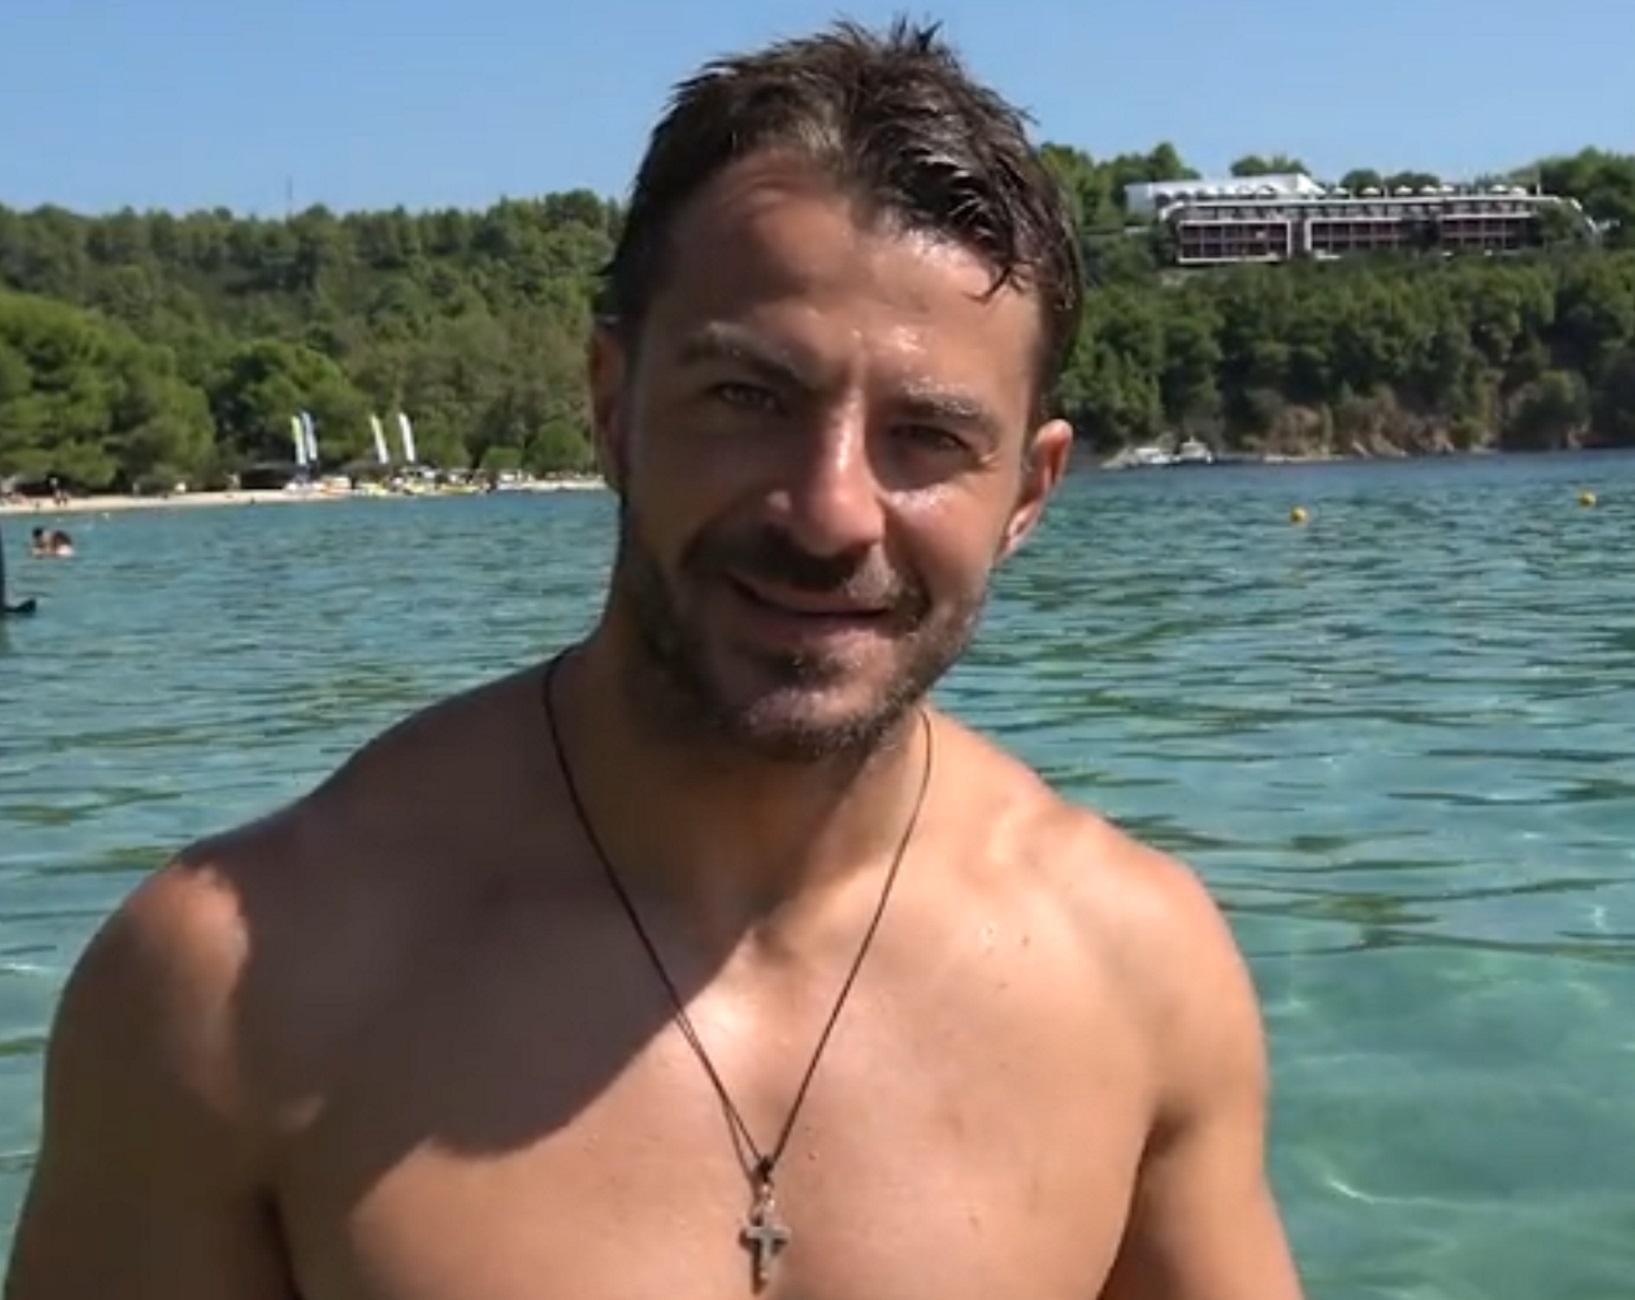 Γιώργος Αγγελόπουλος: Ξενάγηση στη Σκιάθο – Ο Ντάνος του Survivor σε μεγάλα κέφια